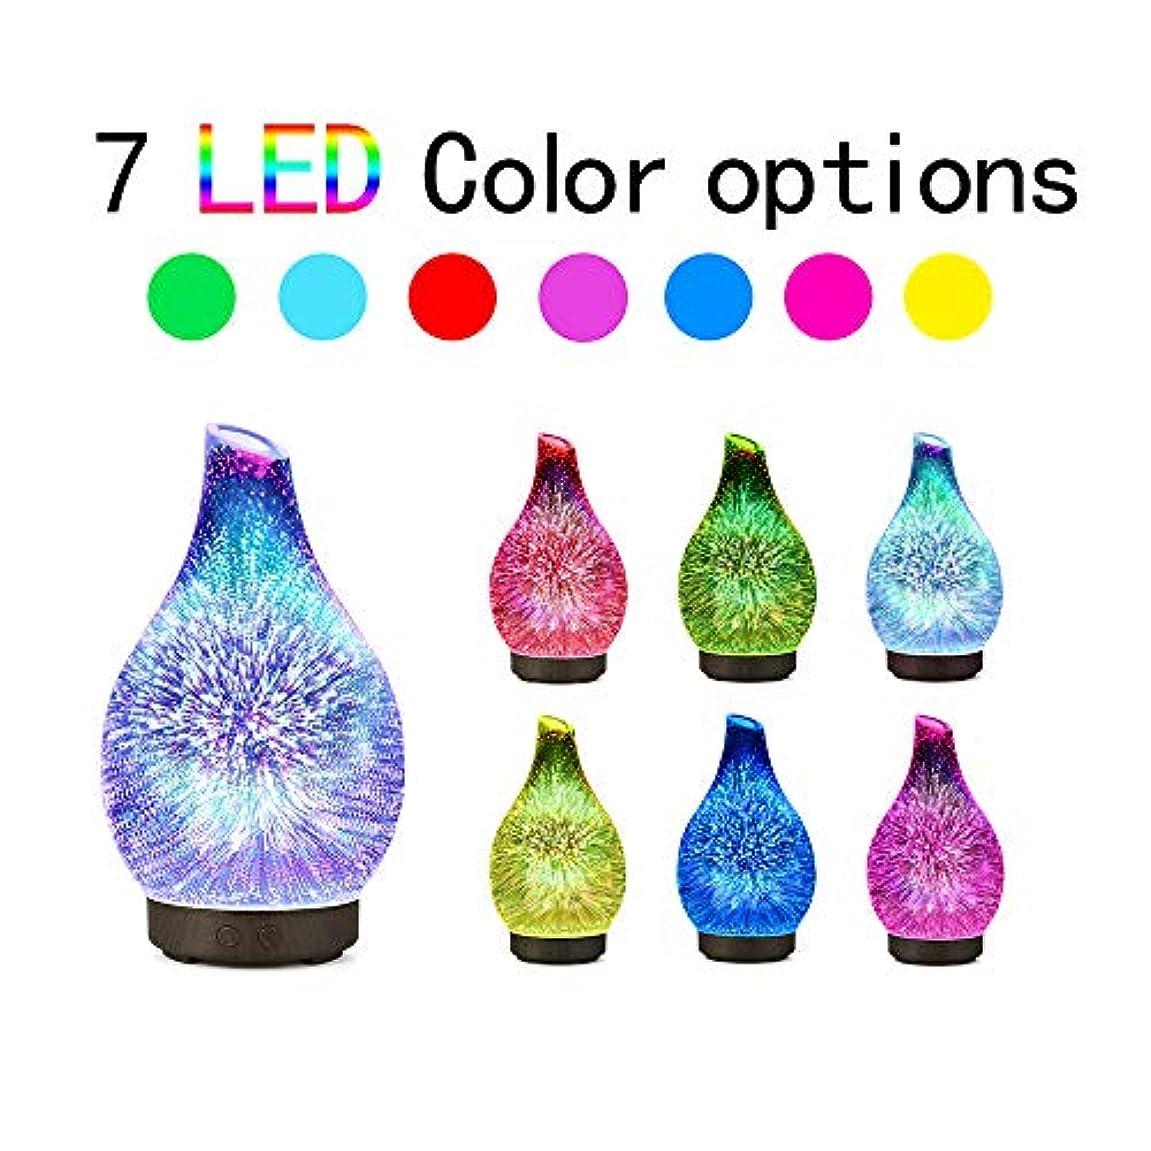 についてあなたが良くなります経済的Decdeal 100ml 3Dガラス超音波 アロマディフューザー アロマ加湿器 超音波式 7色LEDライト変換 間接照明